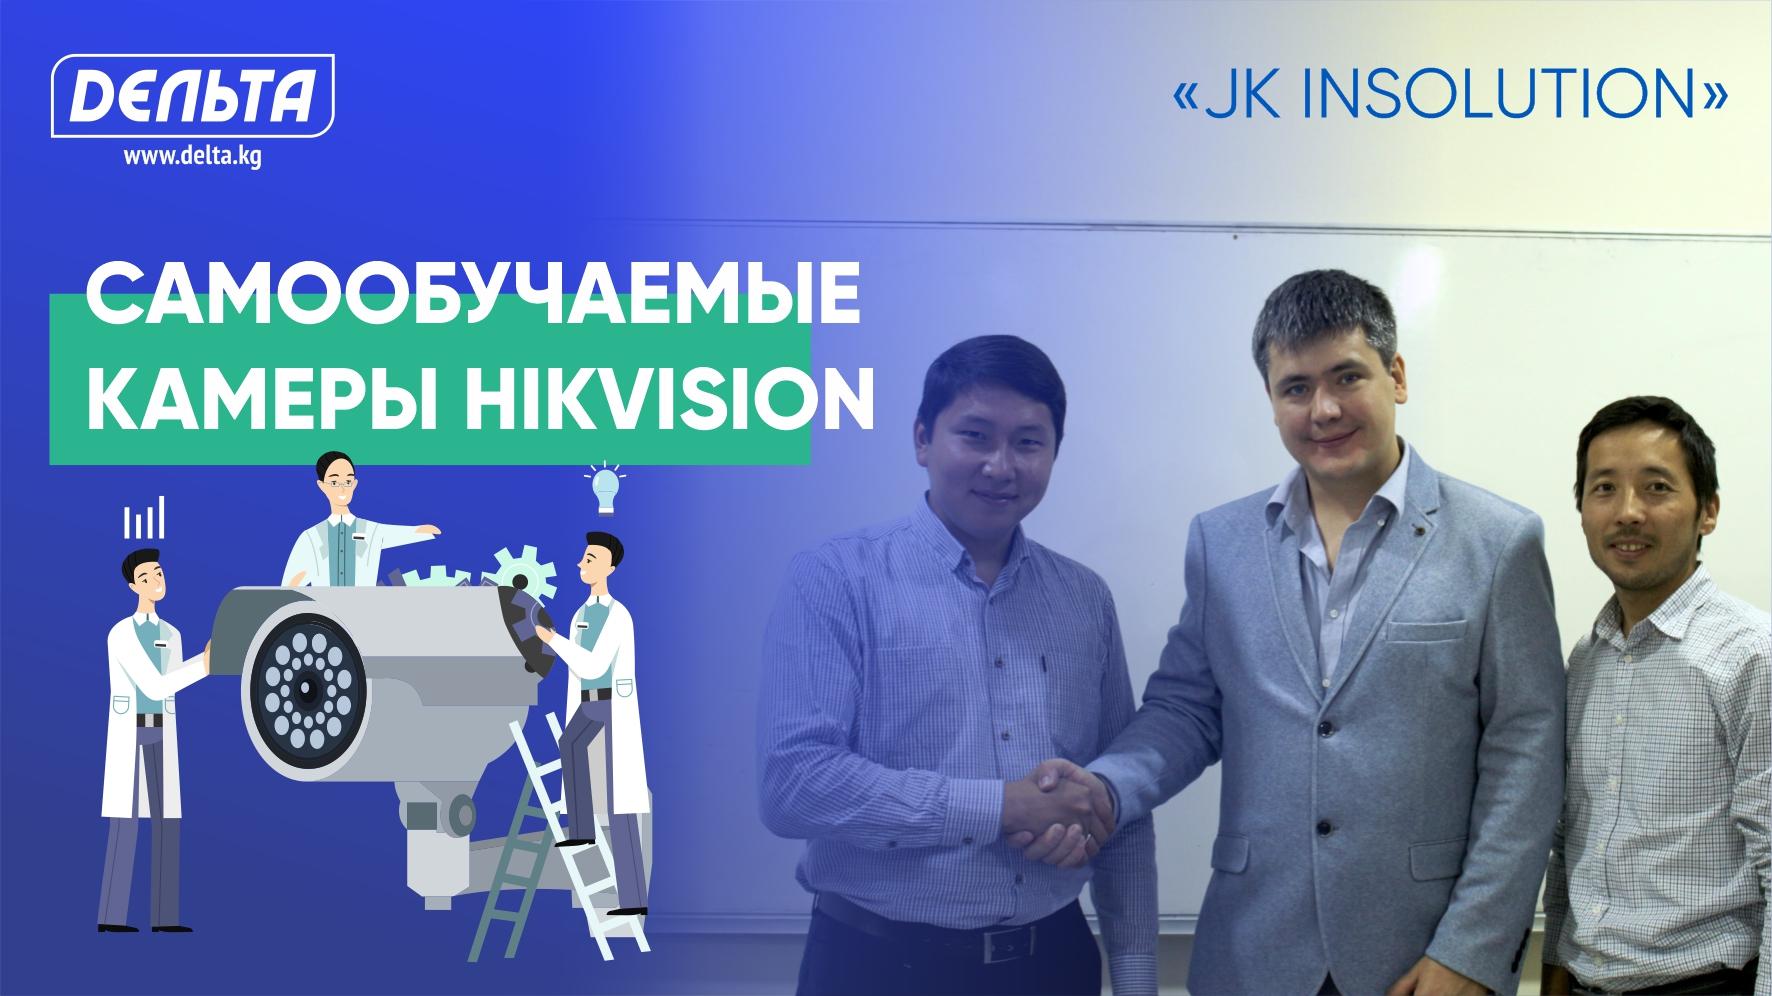 О крутости самообучаемой камеры от Hikvision говорили вместе ОсОО «JK INSOLUTION»